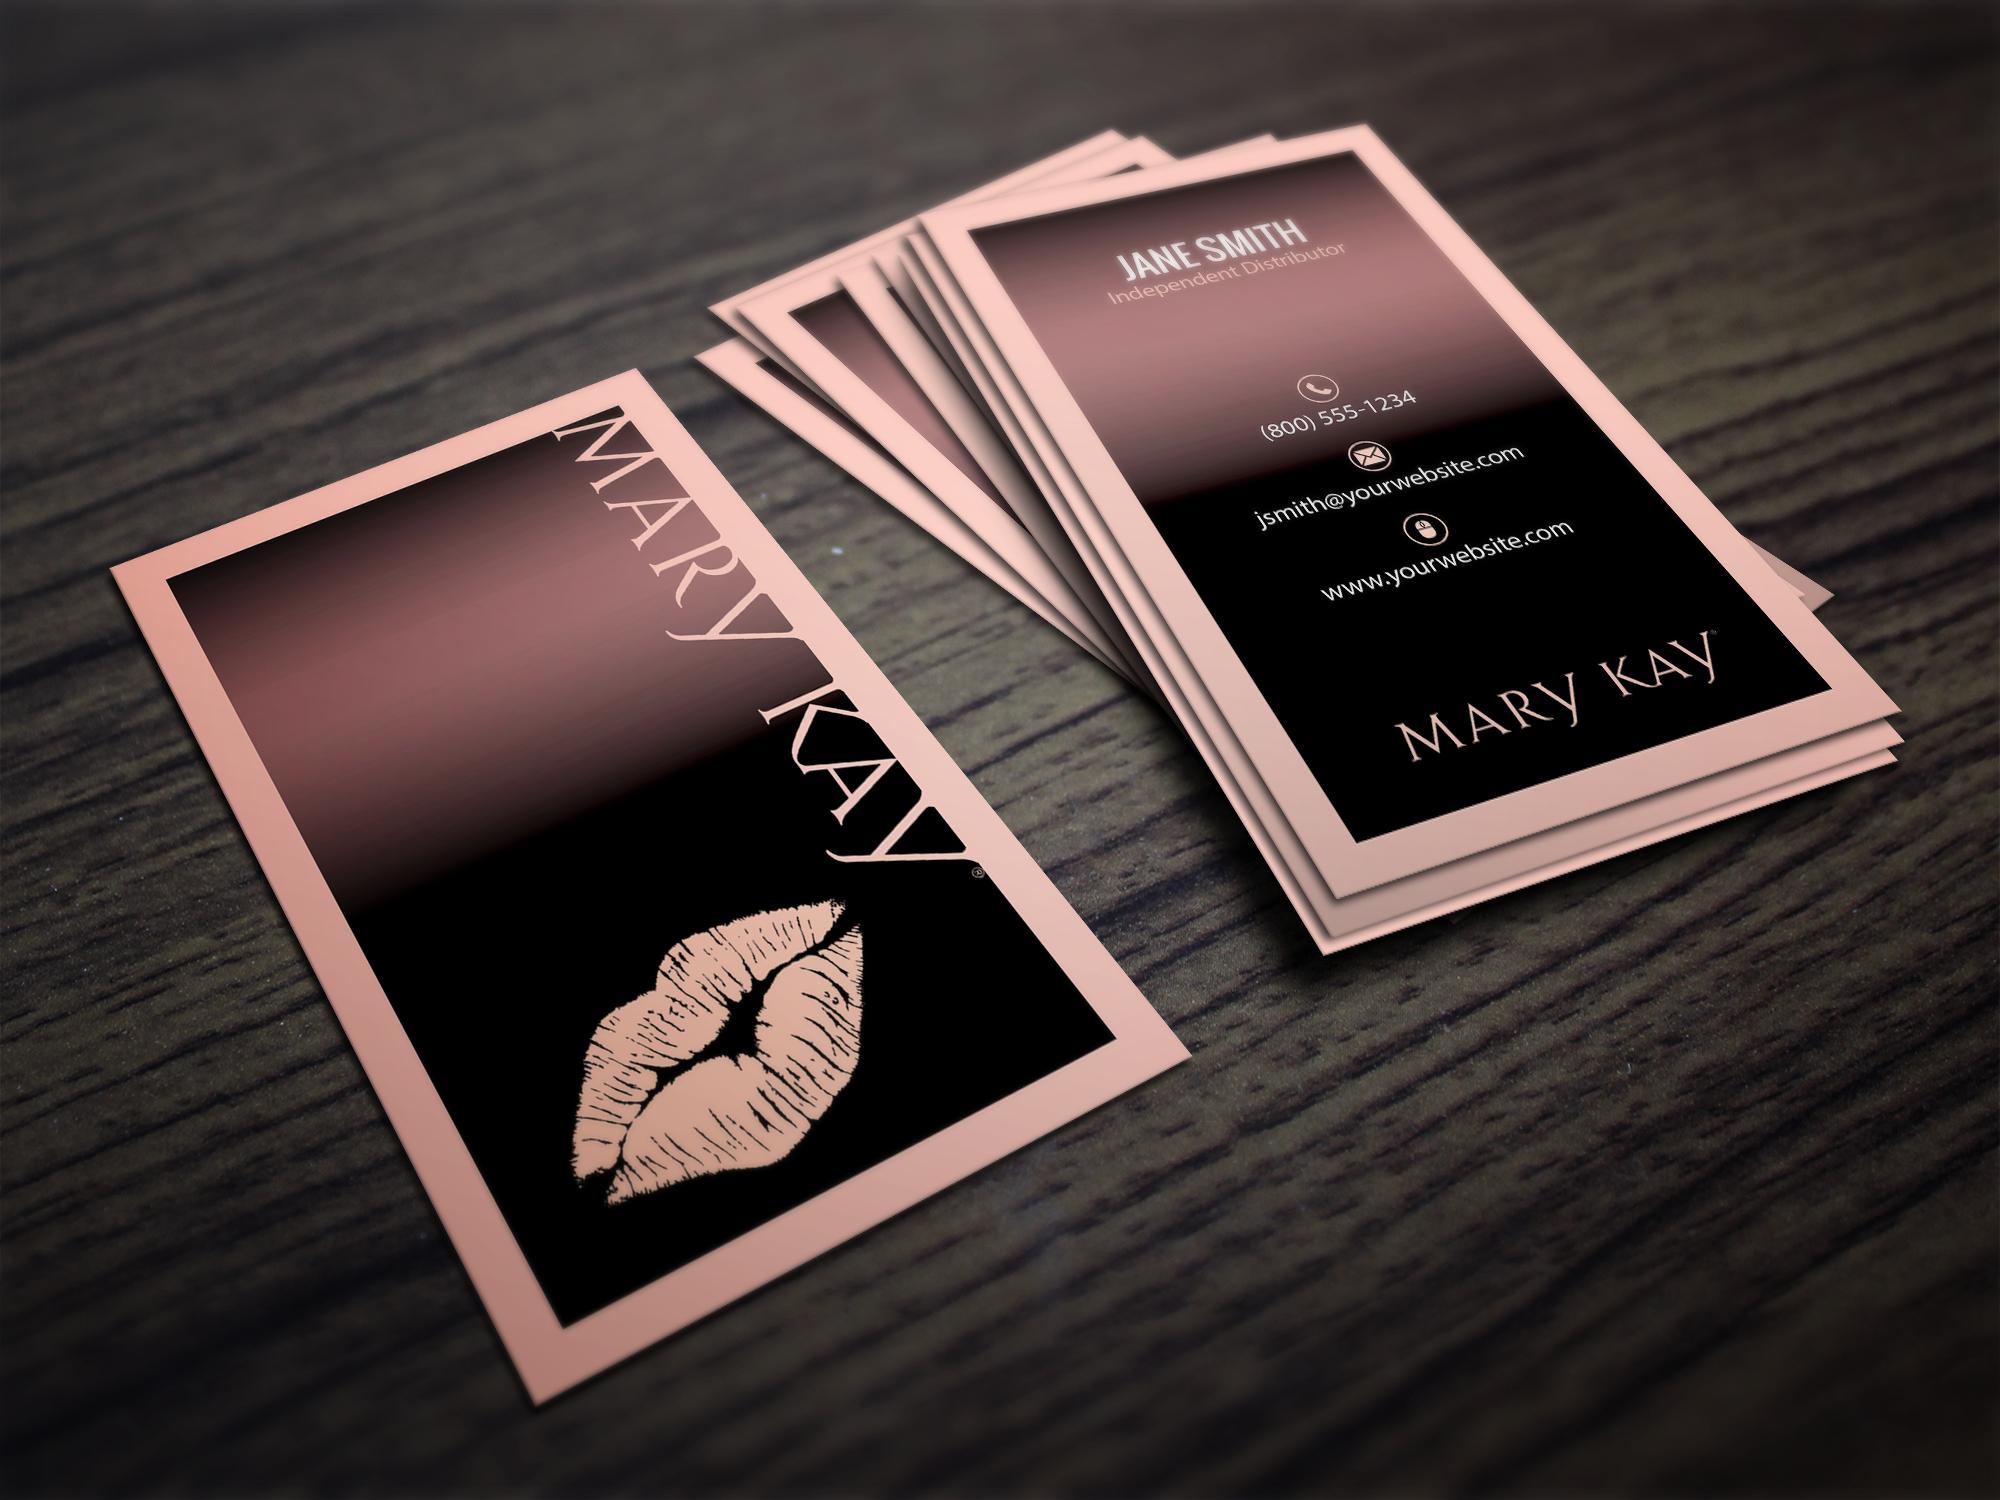 Mary Kay Business Cards | Mary Kay | Mary Kay Party, Mary within Mary Kay Business Cards Templates Free